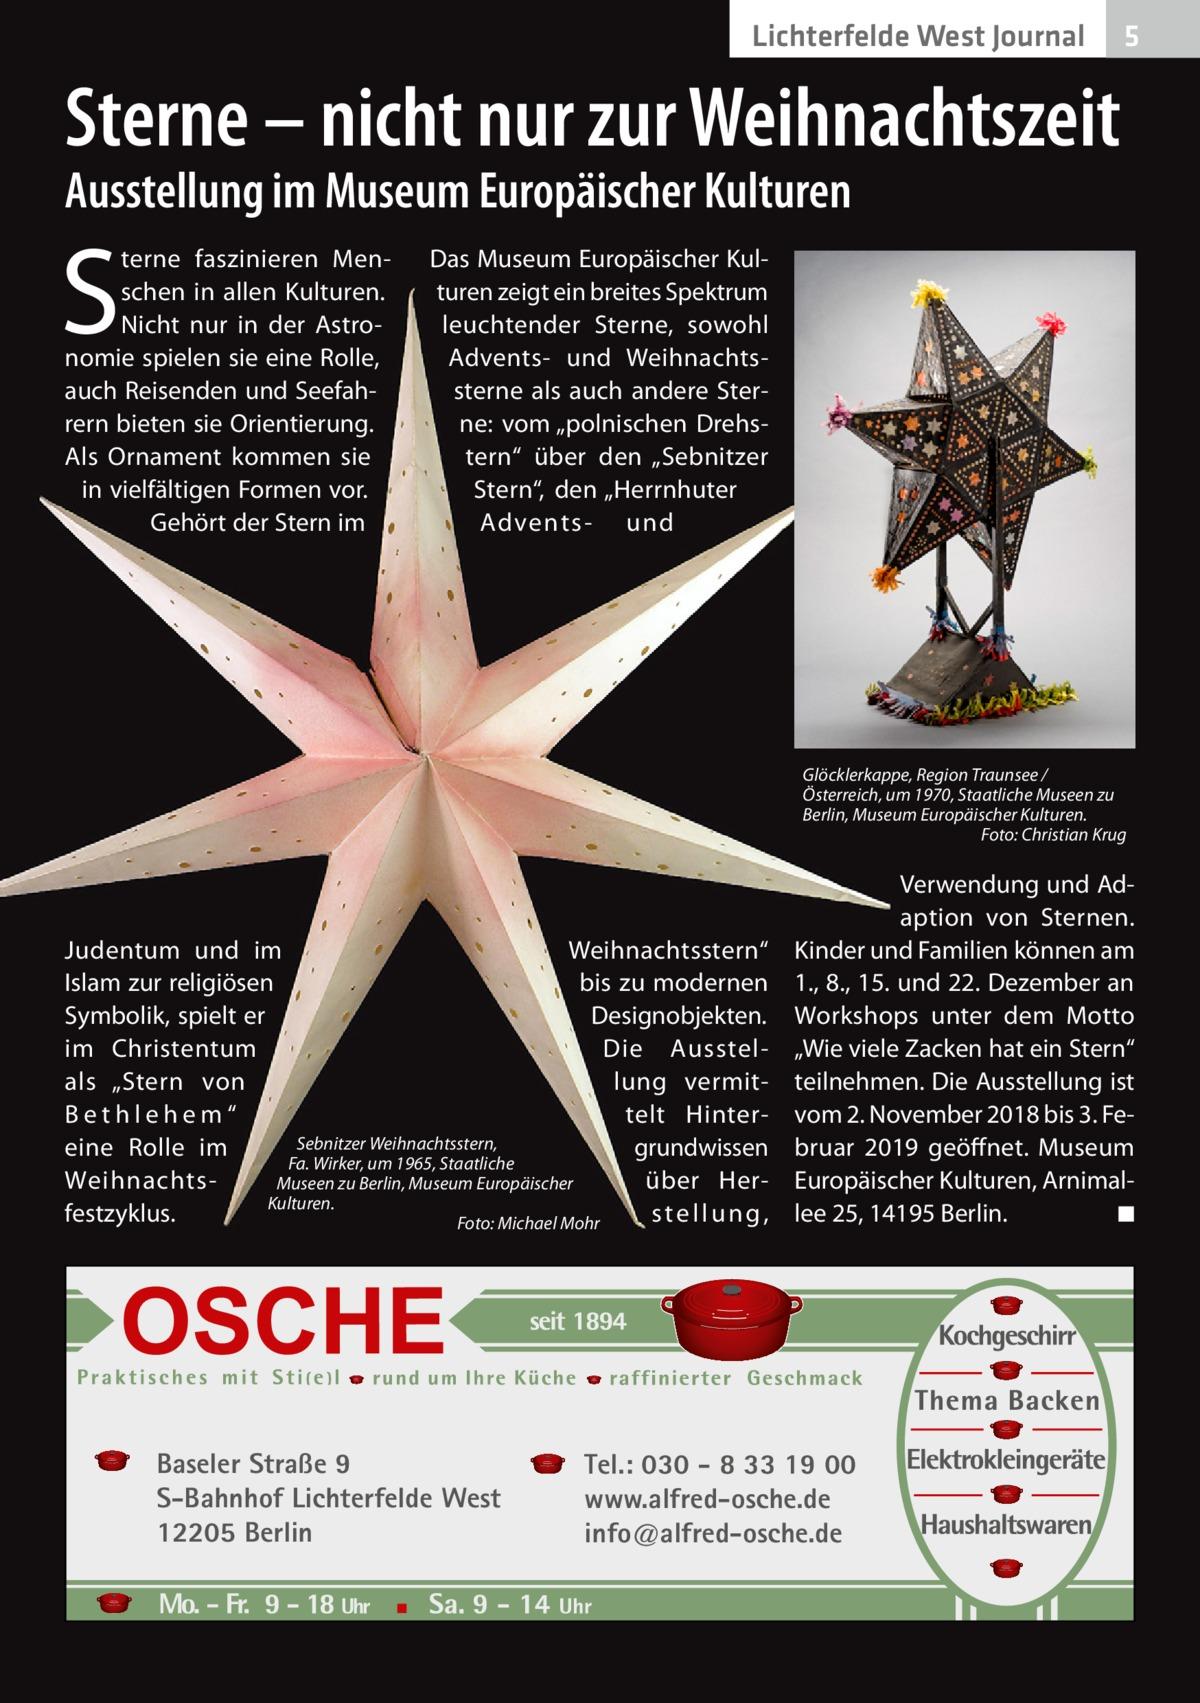 """Lichterfelde West Journal  5  Sterne – nicht nur zur Weihnachtszeit Ausstellung im Museum Europäischer Kulturen  S  terne faszinieren Menschen in allen Kulturen. Nicht nur in der Astronomie spielen sie eine Rolle, auch Reisenden und Seefahrern bieten sie Orientierung. Als Ornament kommen sie in vielfältigen Formen vor. Gehört der Stern im  Das Museum Europäischer Kulturen zeigt ein breites Spektrum leuchtender Sterne, sowohl Advents- und Weihnachtssterne als auch andere Sterne: vom """"polnischen Drehstern"""" über den """"Sebnitzer Stern"""", den """"Herrnhuter Advents- und  Glöcklerkappe, Region Traunsee / Österreich, um 1970, Staatliche Museen zu Berlin, Museum Europäischer Kulturen. � Foto: Christian Krug  Judentum und im Weihnachtsstern"""" Islam zur religiösen bis zu modernen Symbolik, spielt er Designobjekten. im Christentum Die Ausstellung vermitals """"Stern von telt Hint er B e t h l eh e m """" Sebnitzer Weihnachtsstern, grundwissen eine Rolle im Fa.Wirker, um 1965, Staatliche über HerWeihnachtsMuseen zu Berlin, Museum Europäischer Kulturen. festzyklus. stellung, � Foto: Michael Mohr  Baseler Straße 9 S-Bahnhof Lichterfelde West 12205 Berlin  Verwendung und Adaption von Sternen. Kinder und Familien können am 1., 8., 15. und 22. Dezember an Workshops unter dem Motto """"Wie viele Zacken hat ein Stern"""" teilnehmen. Die Ausstellung ist vom 2.November 2018 bis 3.Februar 2019 geöffnet. Museum Europäischer Kulturen, Arnimallee25, 14195Berlin. � ◾  Tel.: 030 - 8 33 19 00 www.alfred-osche.de info@alfred-osche.de"""